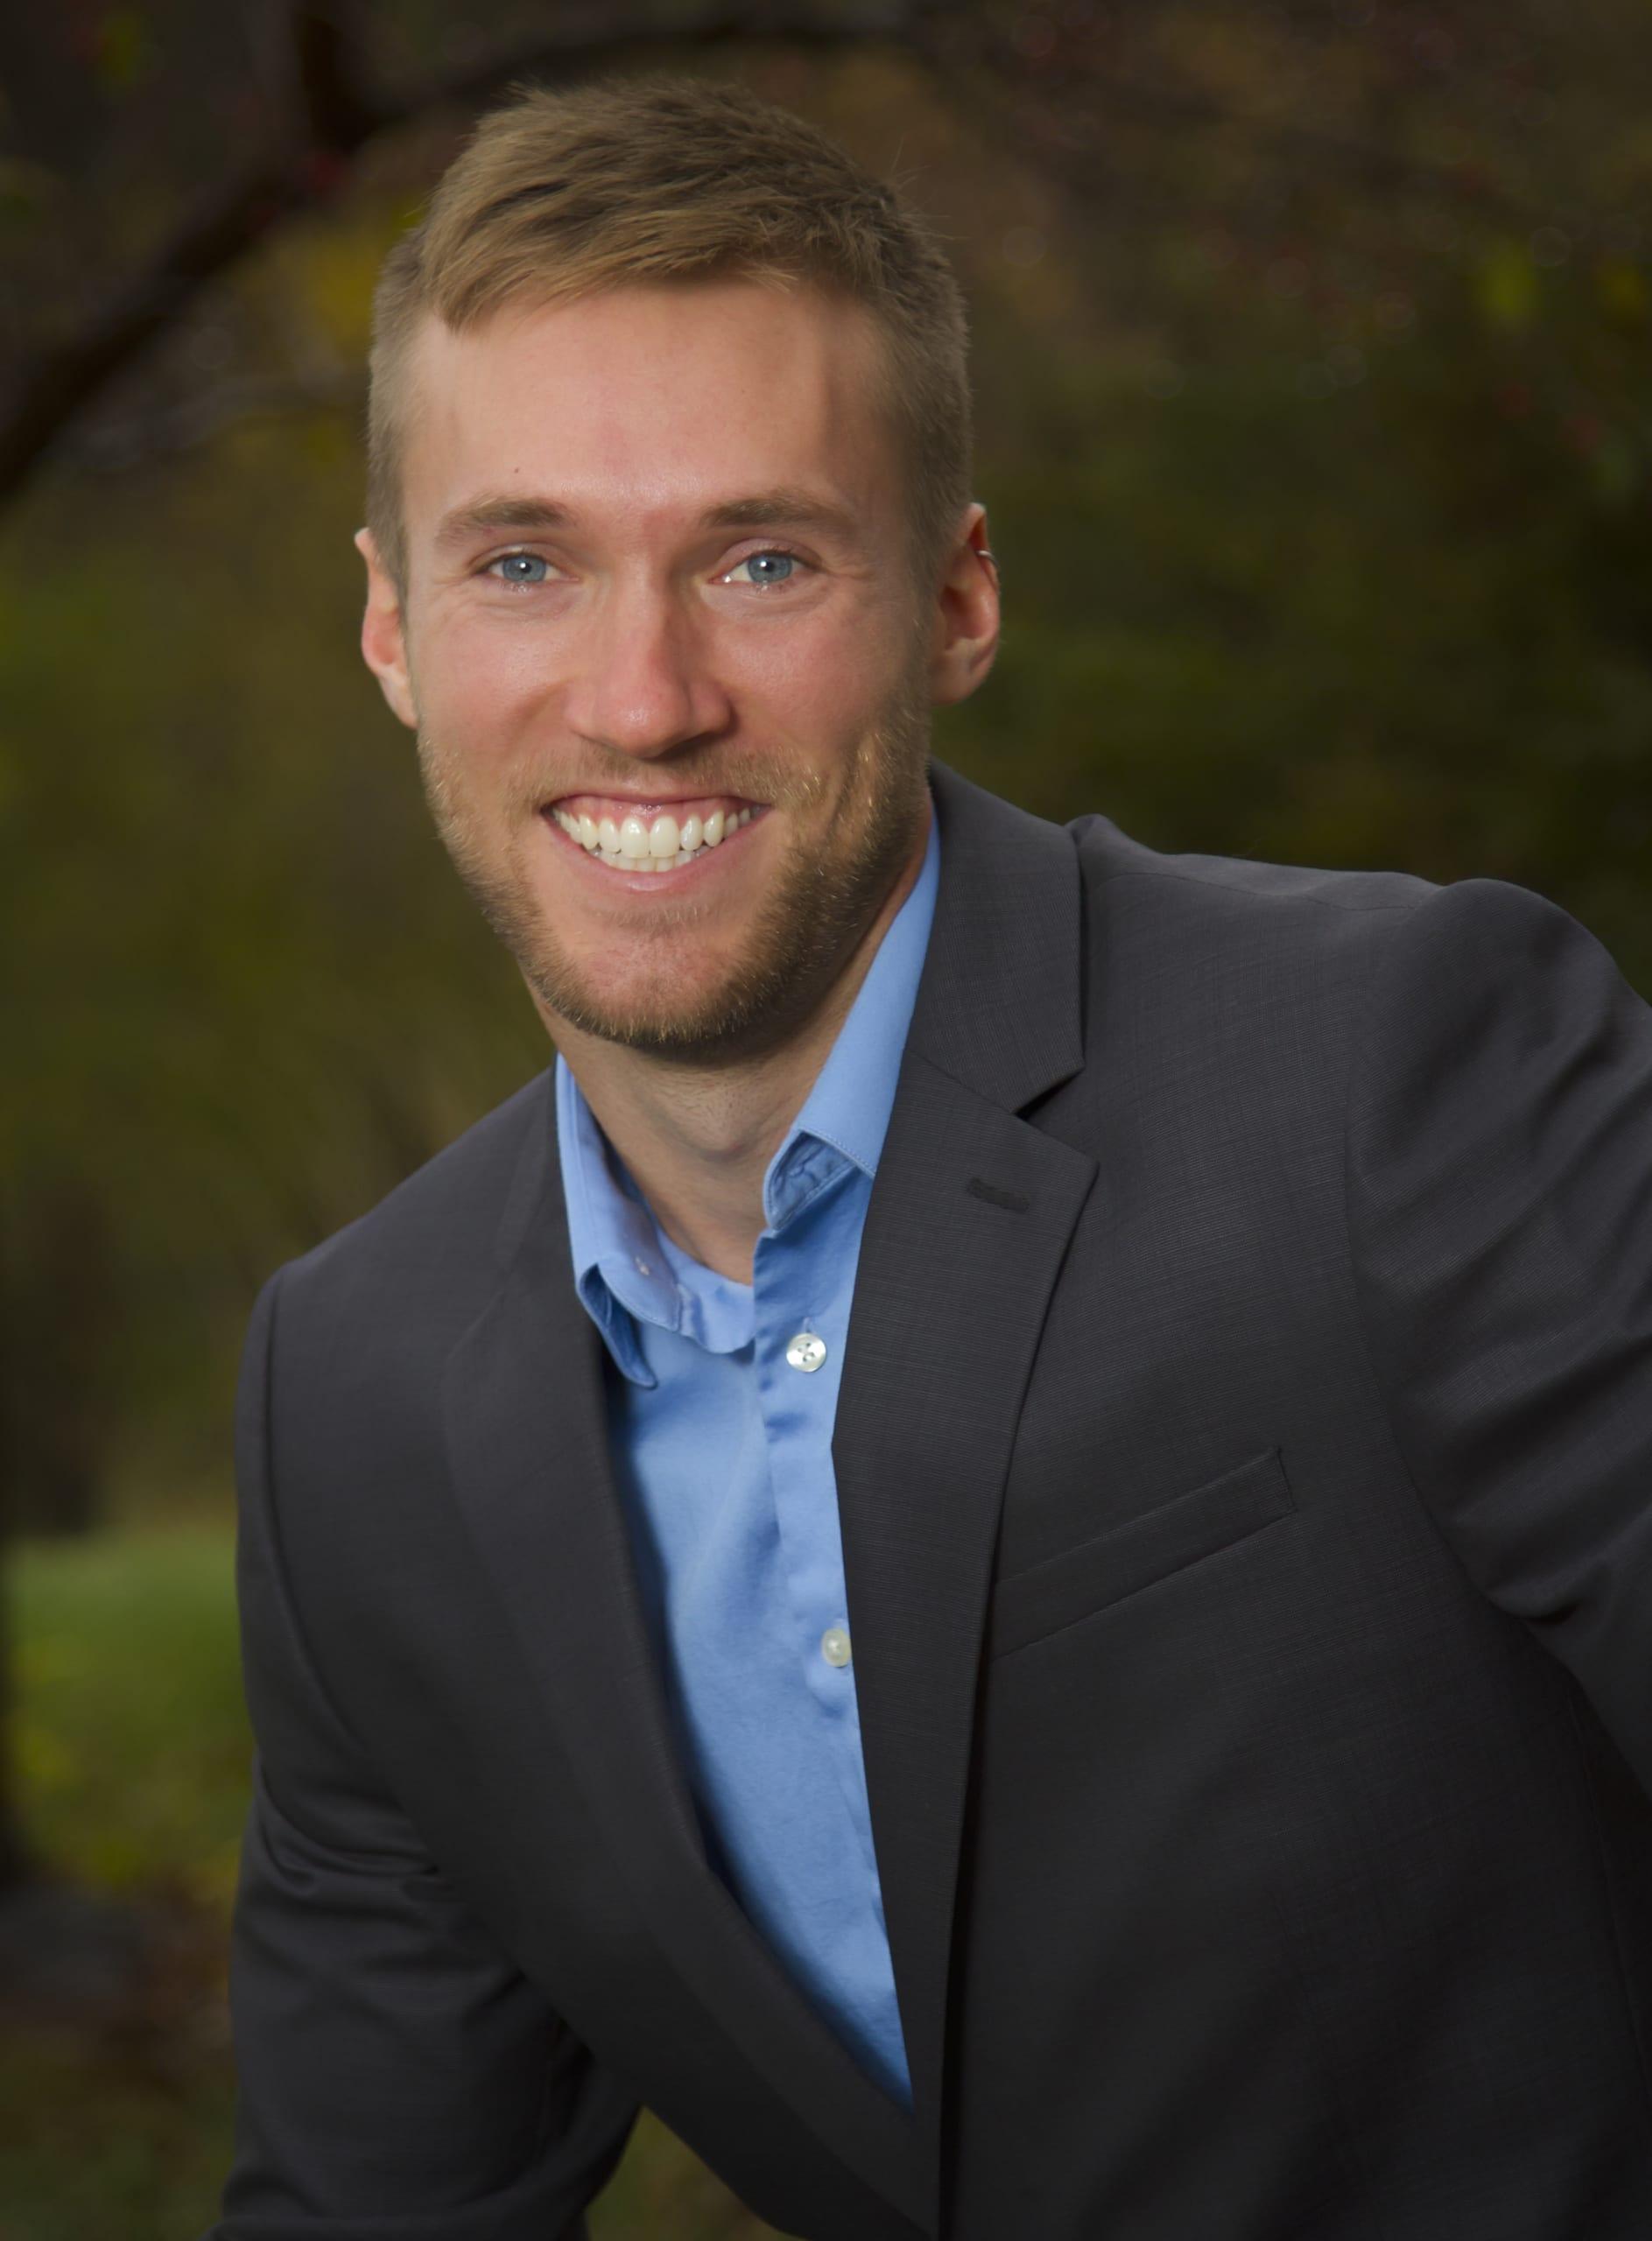 Zach Nolte, Kitchen Solvers